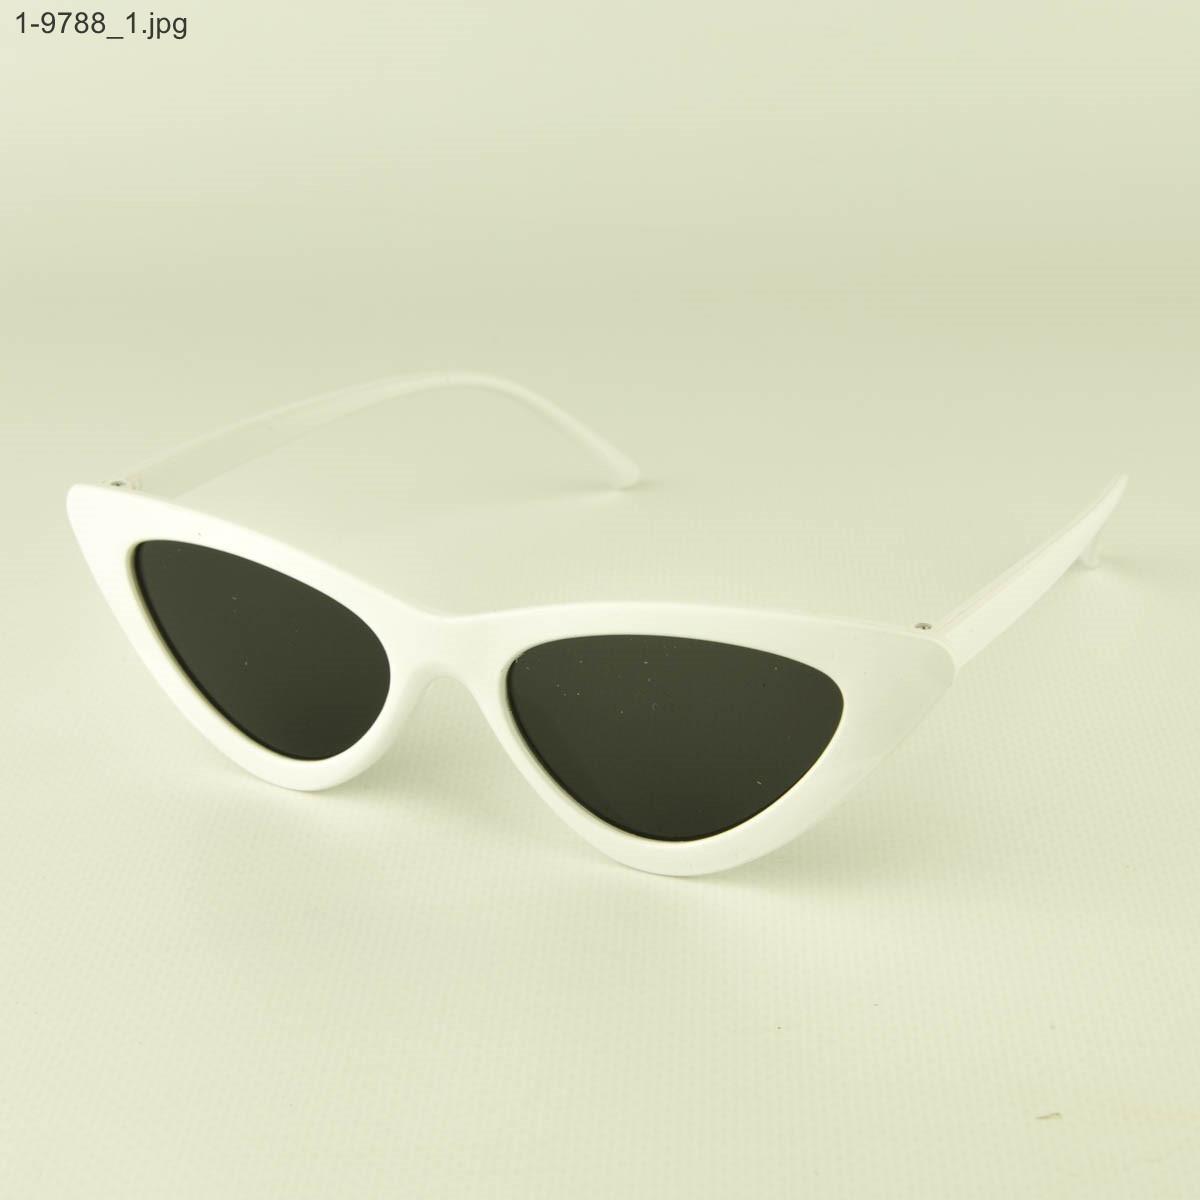 Солнцезащитные женские очки кошачий глаз - Белые - 1-9788